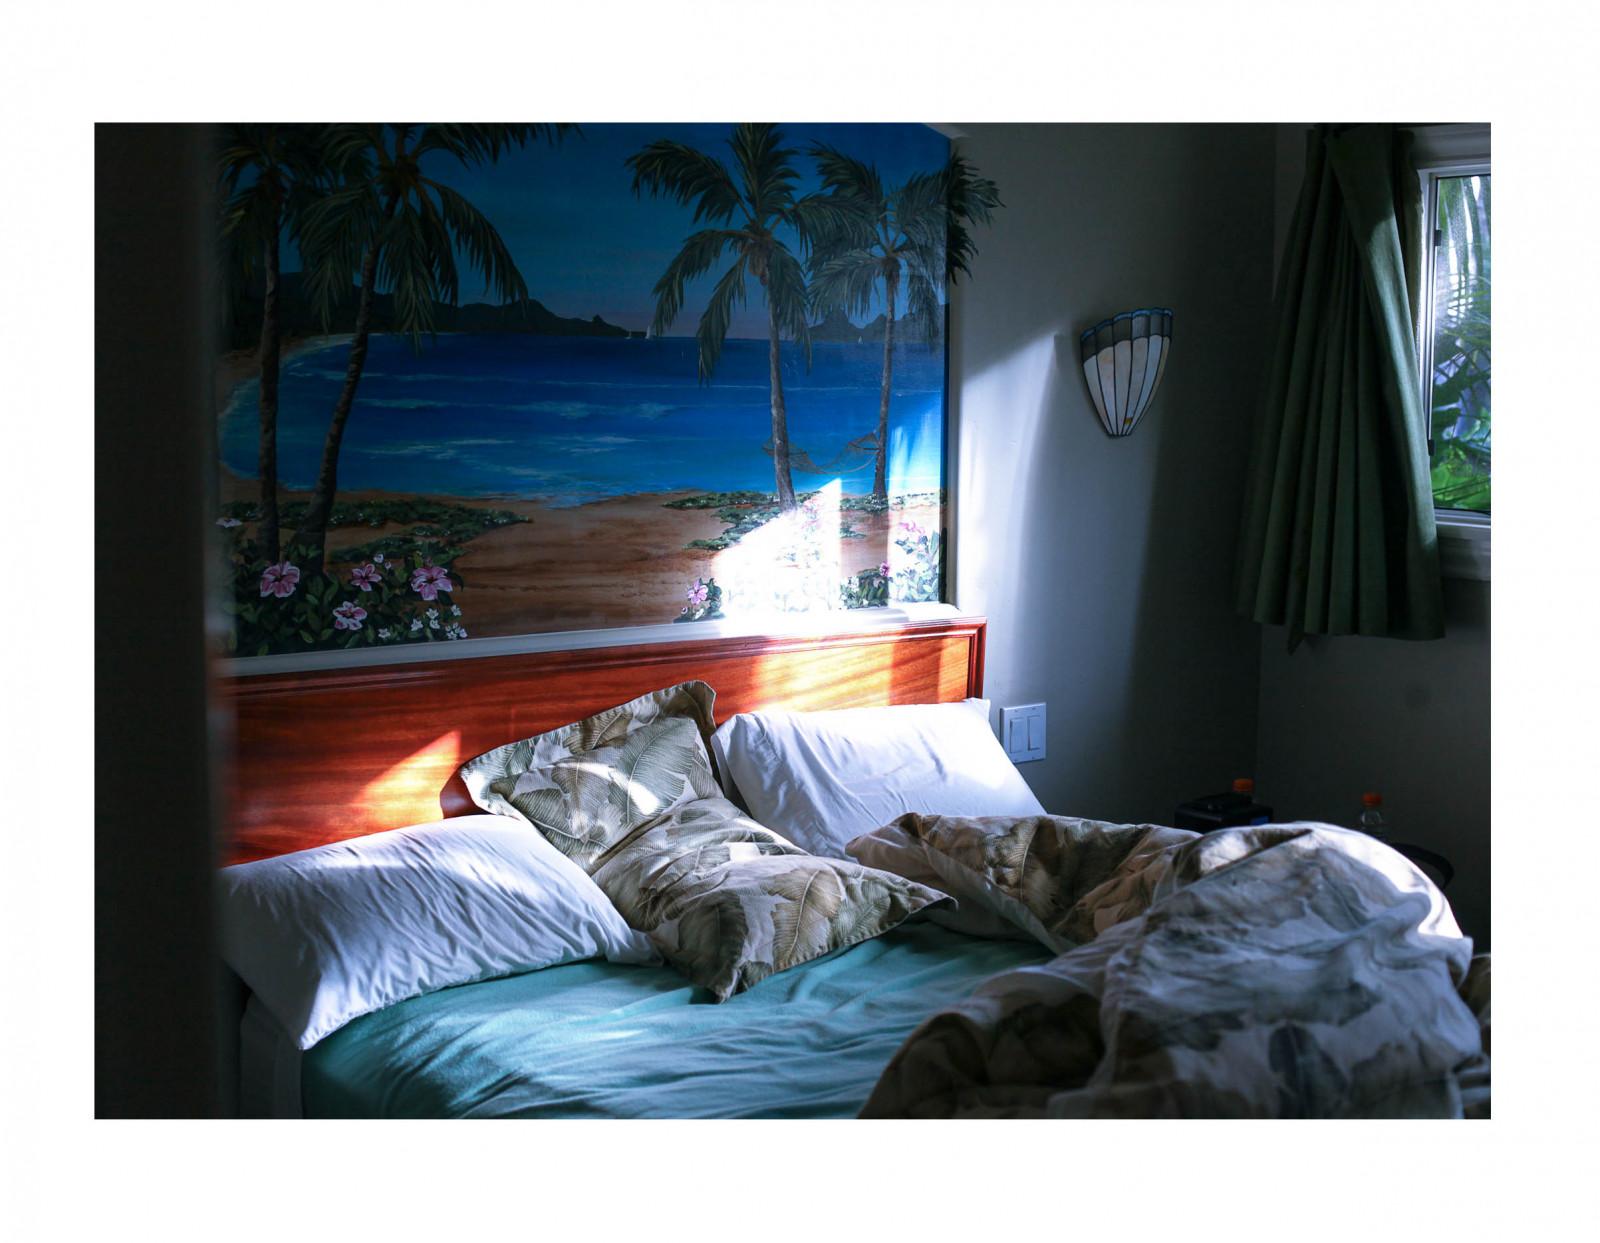 Fondos De Pantalla Pintura Ventana Habitaci N Cama Playa  # Muebles Hawaianos